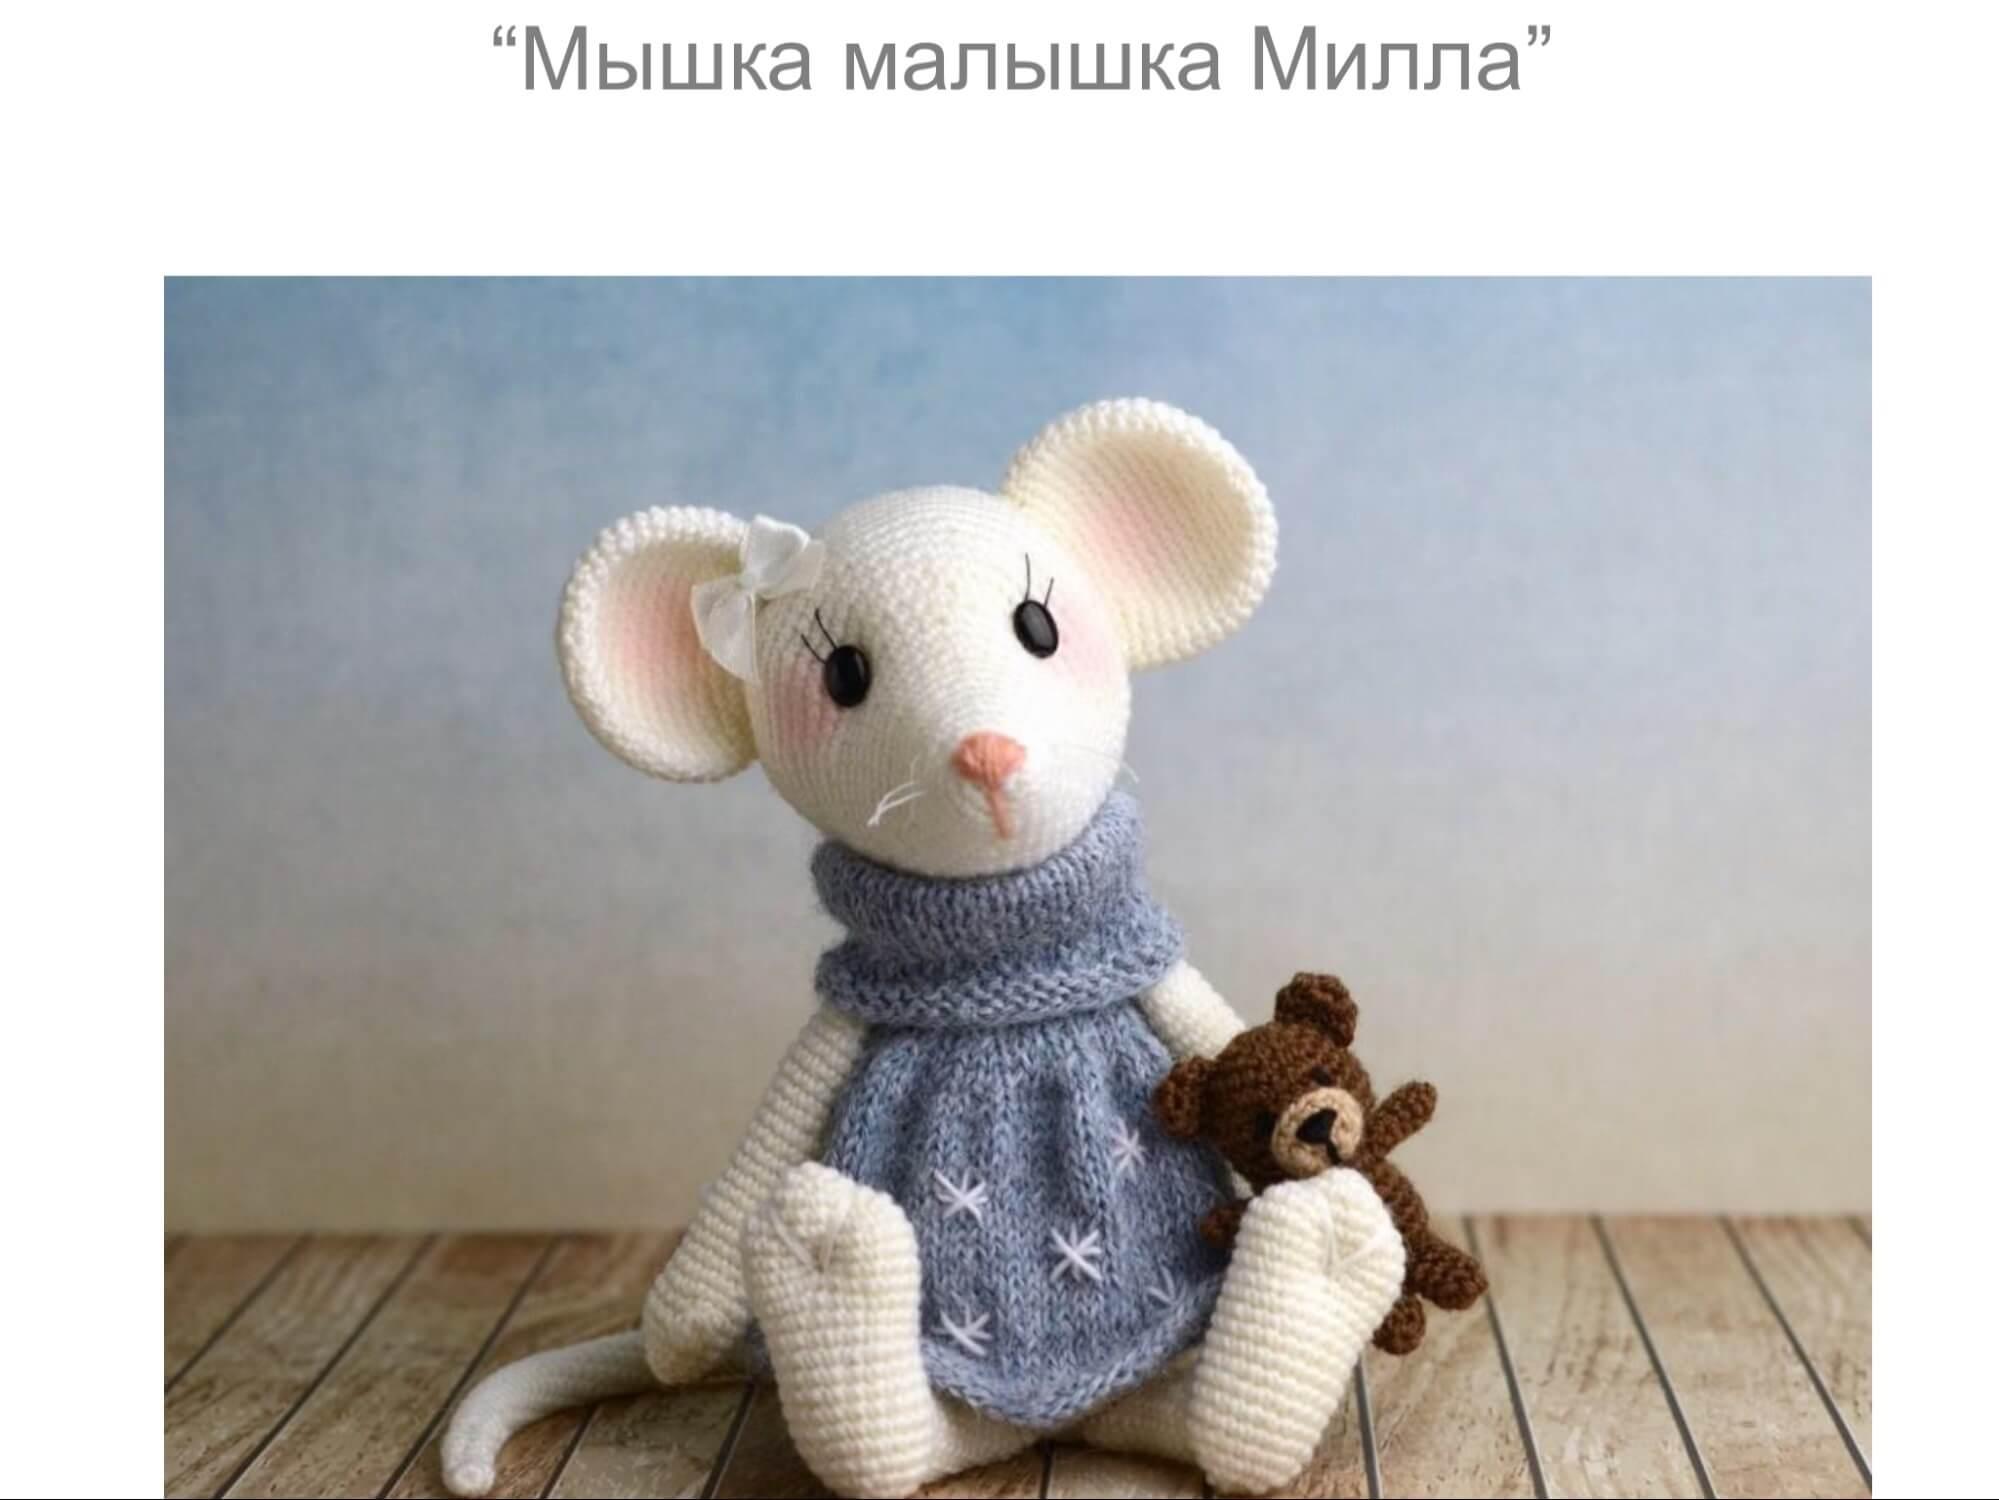 Мишка в пижаме крючком : описание игрушки, мастер-класс